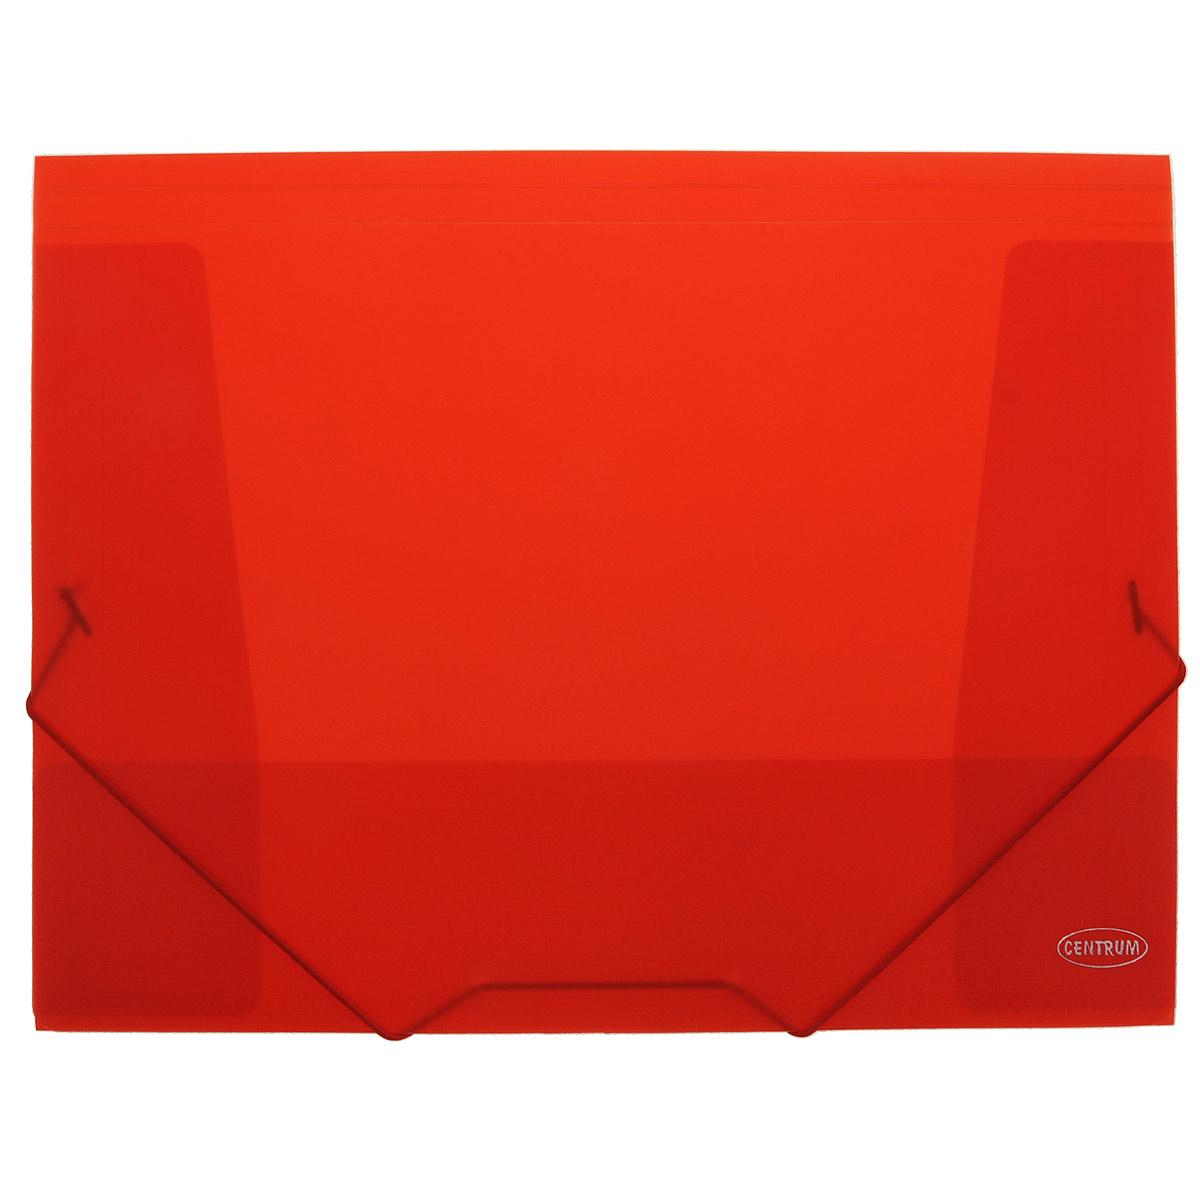 Папка на резинках Centrum пластиковая, формат А4, цвет: красный86833Папка-конверт на резинке Centrum - это удобный и функциональный офисный инструмент, предназначенный для хранения итранспортировки рабочих бумаг и документов формата А4.Папка с двойной угловой фиксацией резиновой лентой изготовлена из износостойкого полупрозрачного пластика. Внутри папка имеет три клапана, что обеспечивает надежную фиксацию бумаг и документов.Папка - это незаменимый атрибут для студента, школьника, офисного работника. Такая папка надежно сохранит ваши документы исбережет их от повреждений, пыли и влаги.